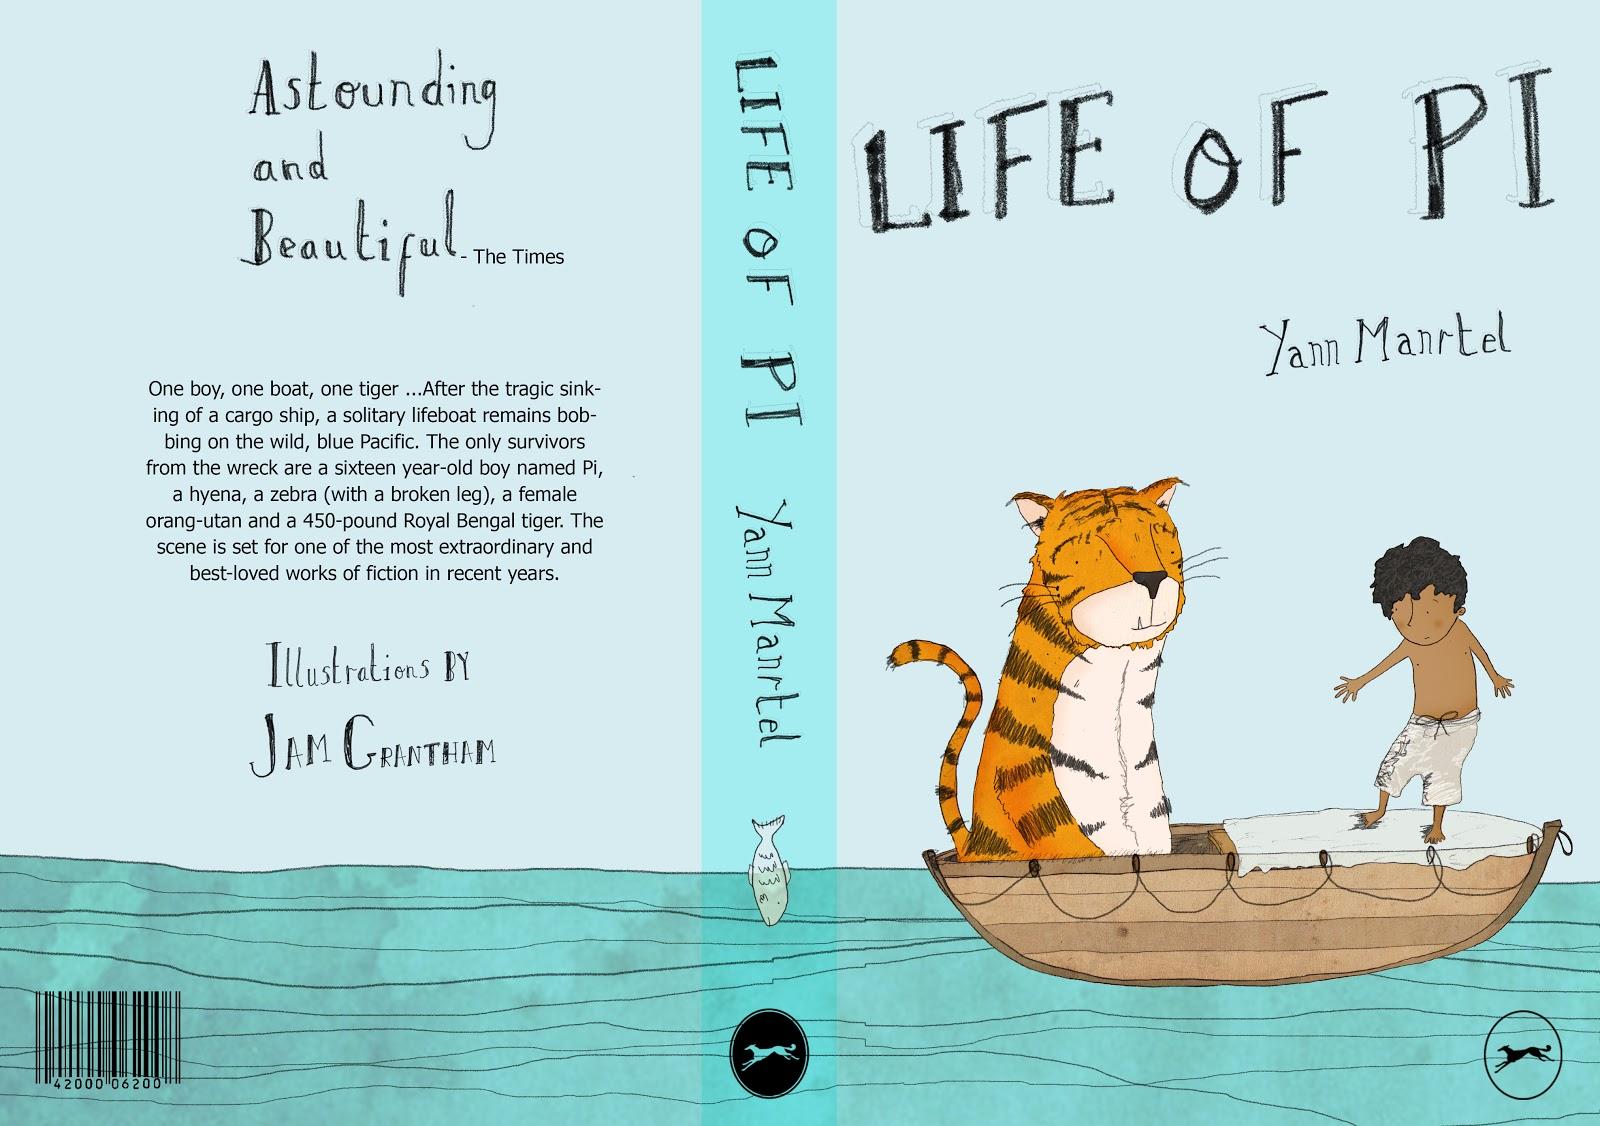 dimana bisa mendapatkan buku Life Of Pi dengan cover lucu iniLife Of Pi Book